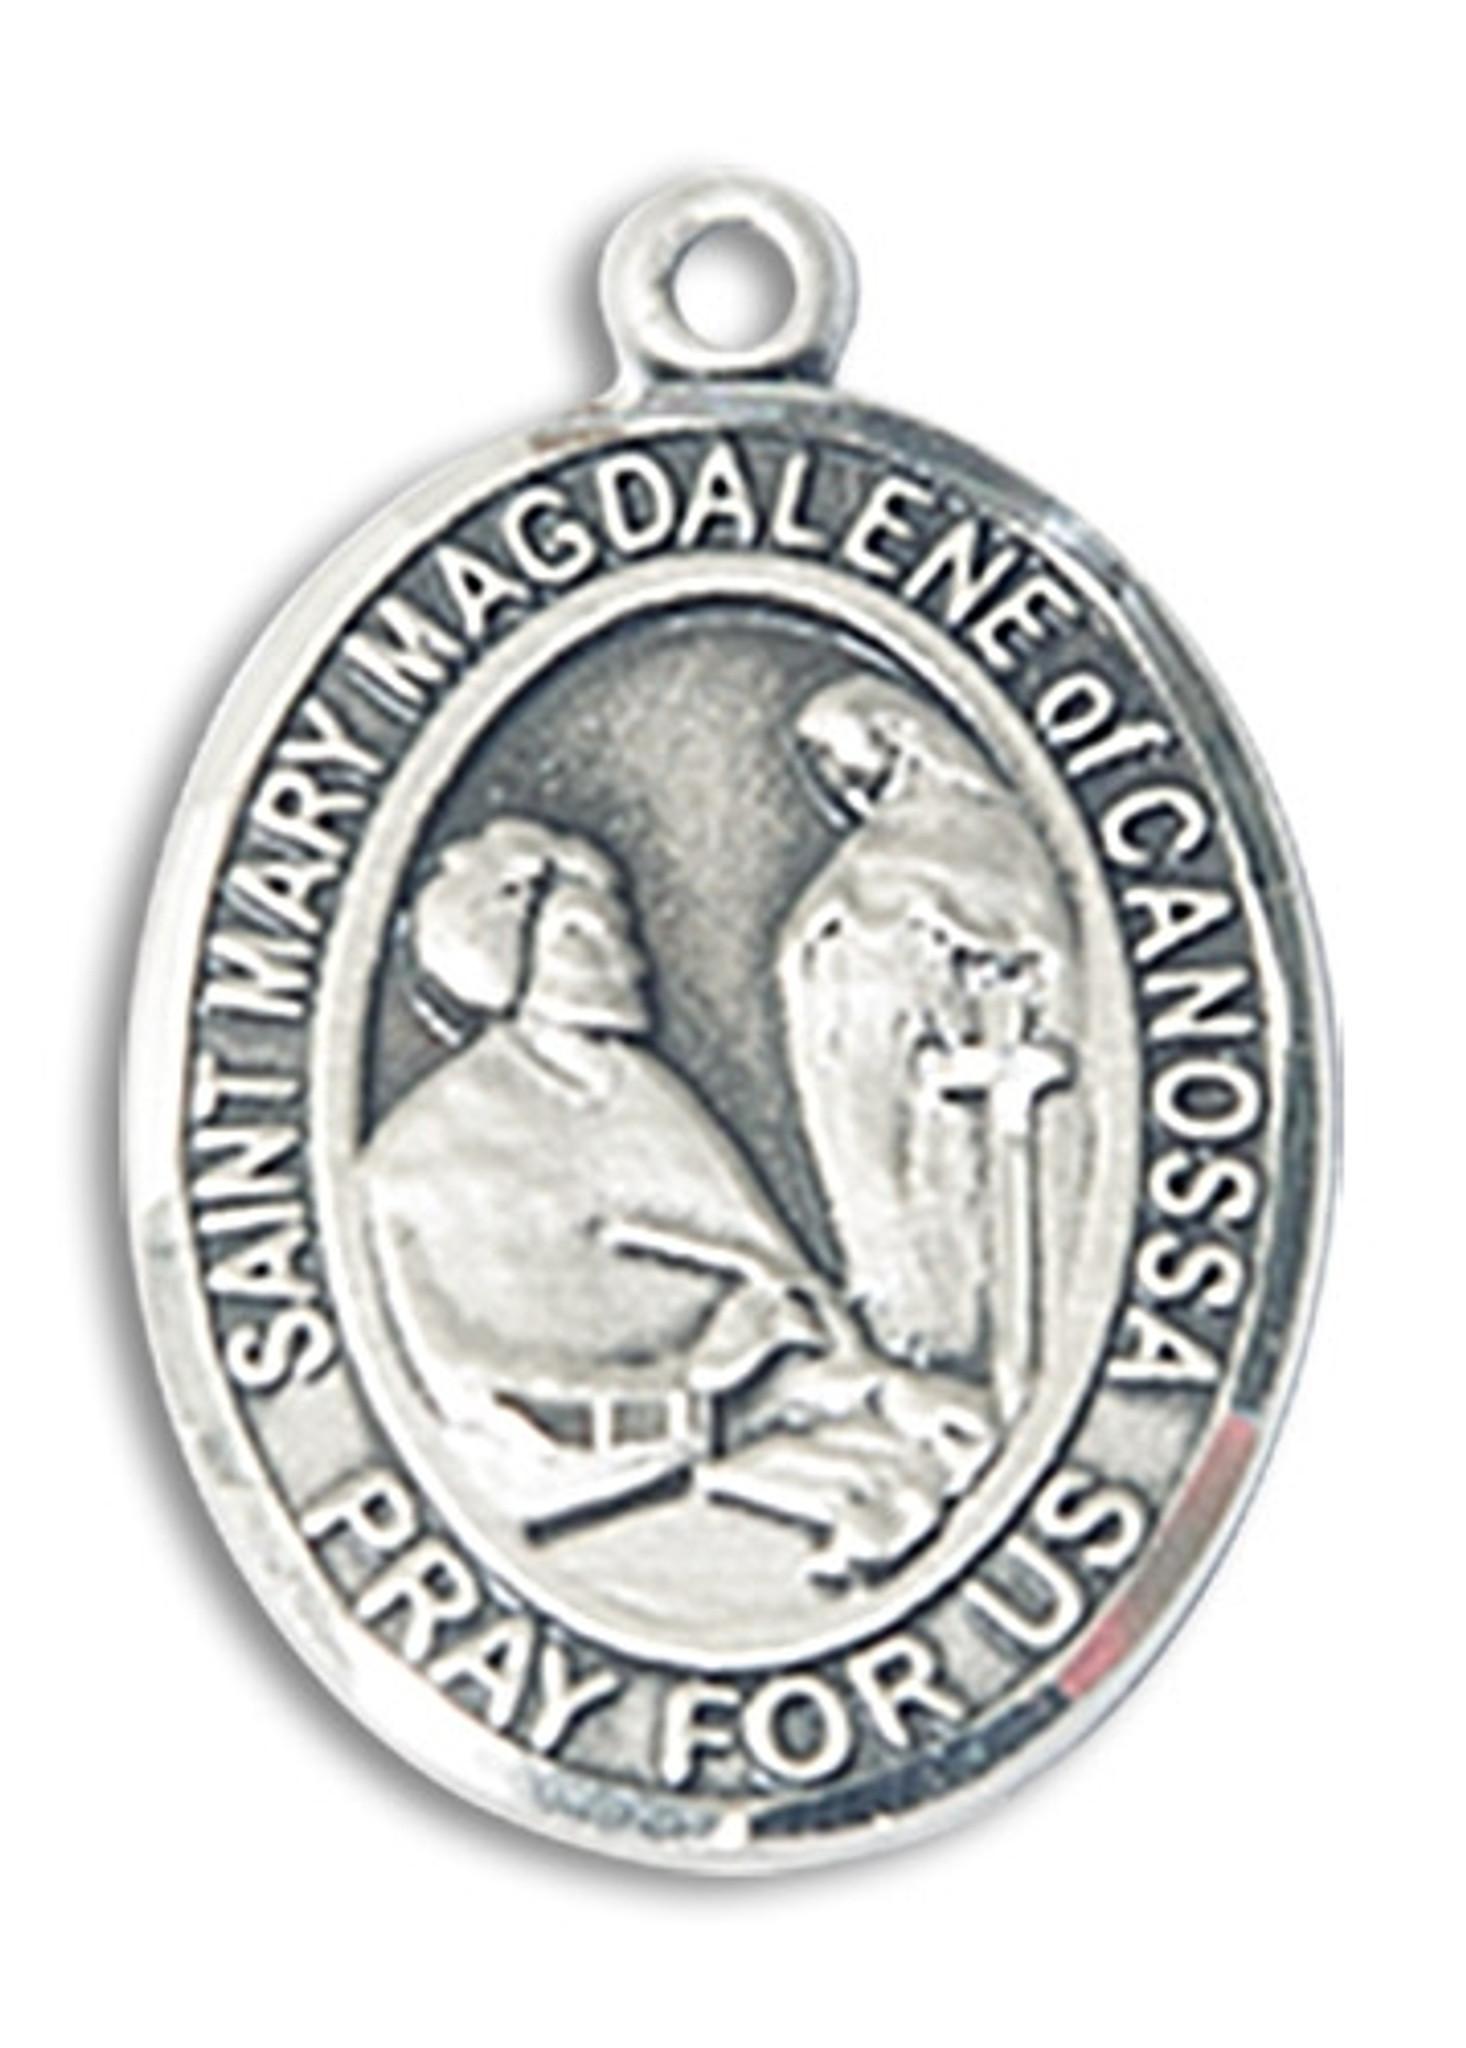 Mary Magdalene of Canossa